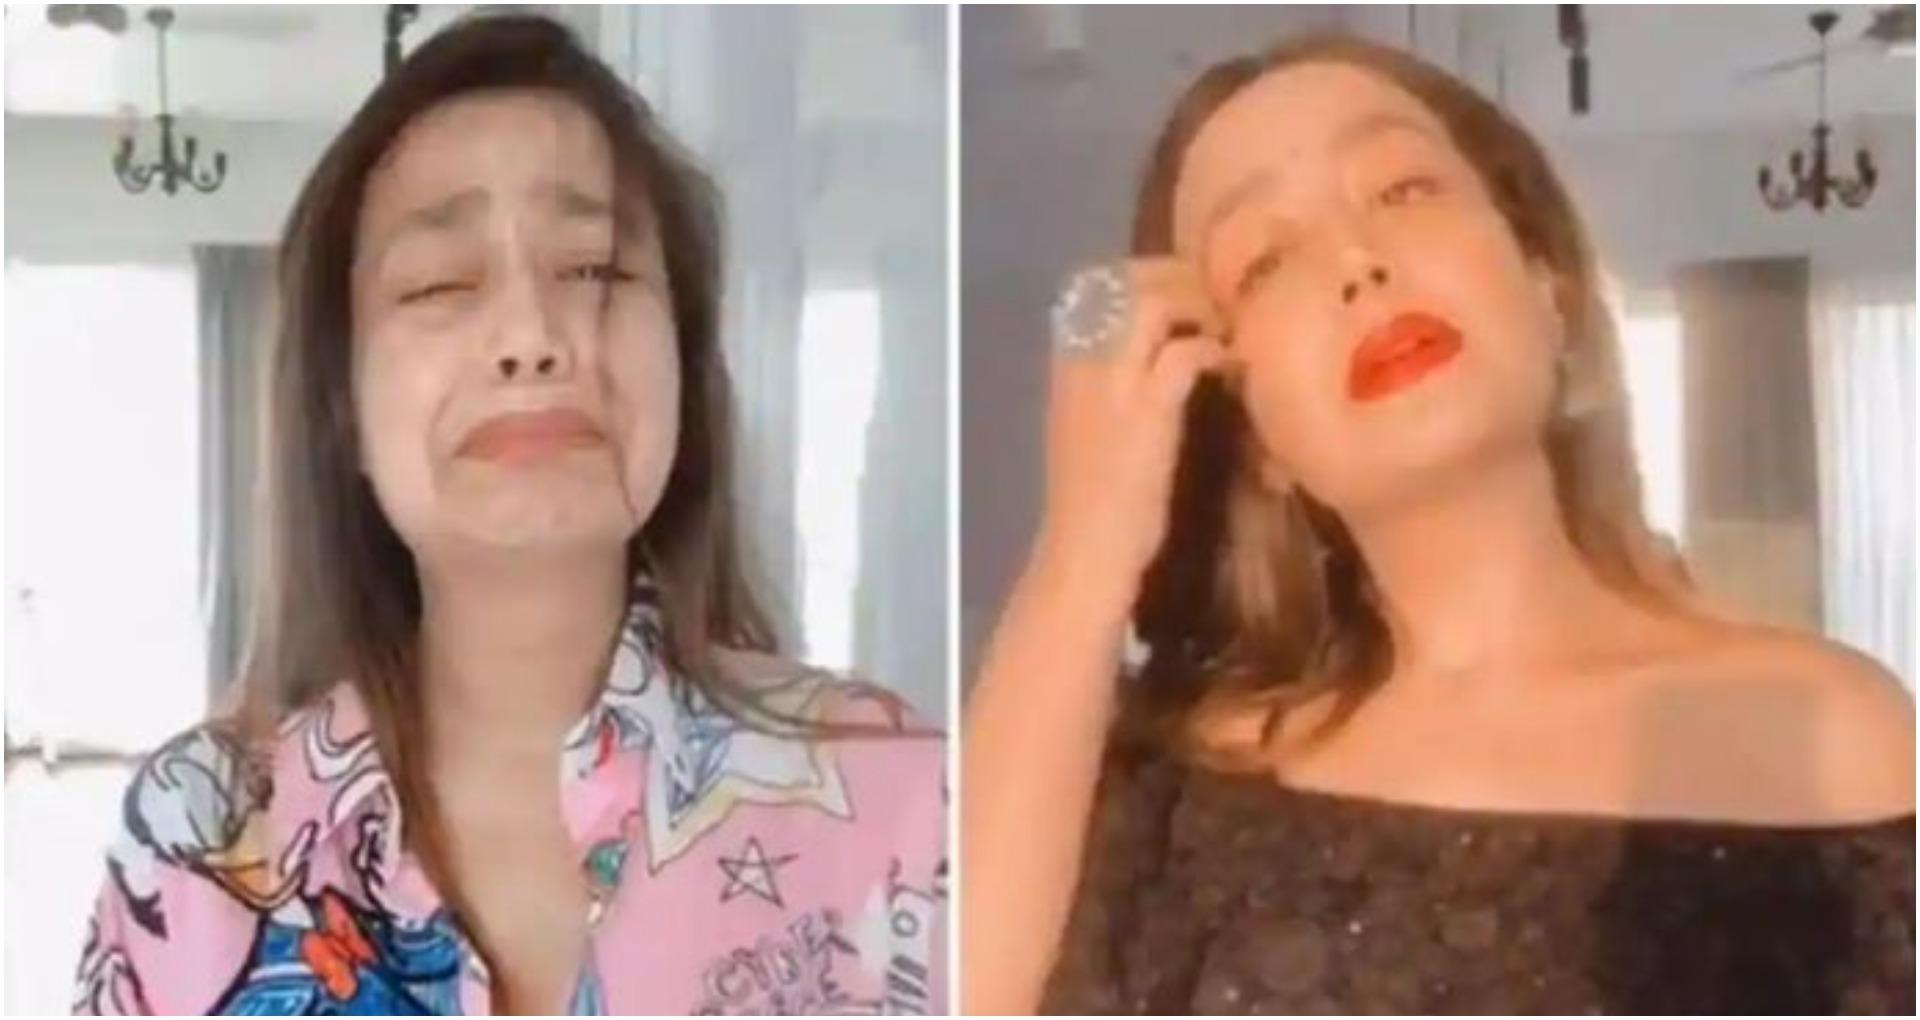 नेहा कक्कड़ ने शुरू किया MoveOnChallenge, कहा-Ex Boyfriend को लेकर रोना बंद करें, देखें वीडियो